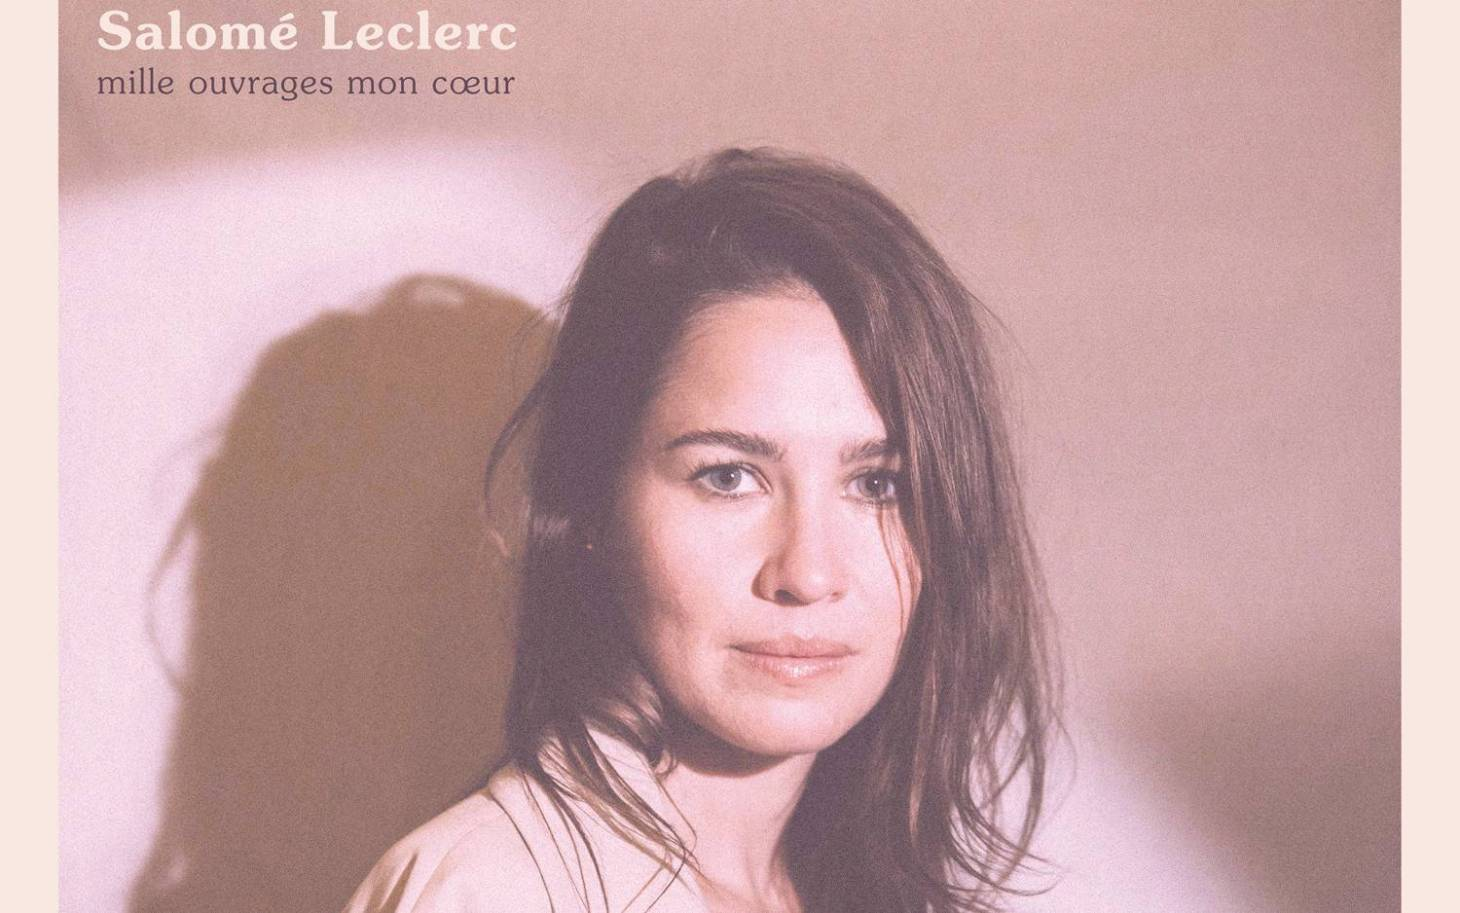 Musique - Laissez-vous porter par Salomé Leclerc